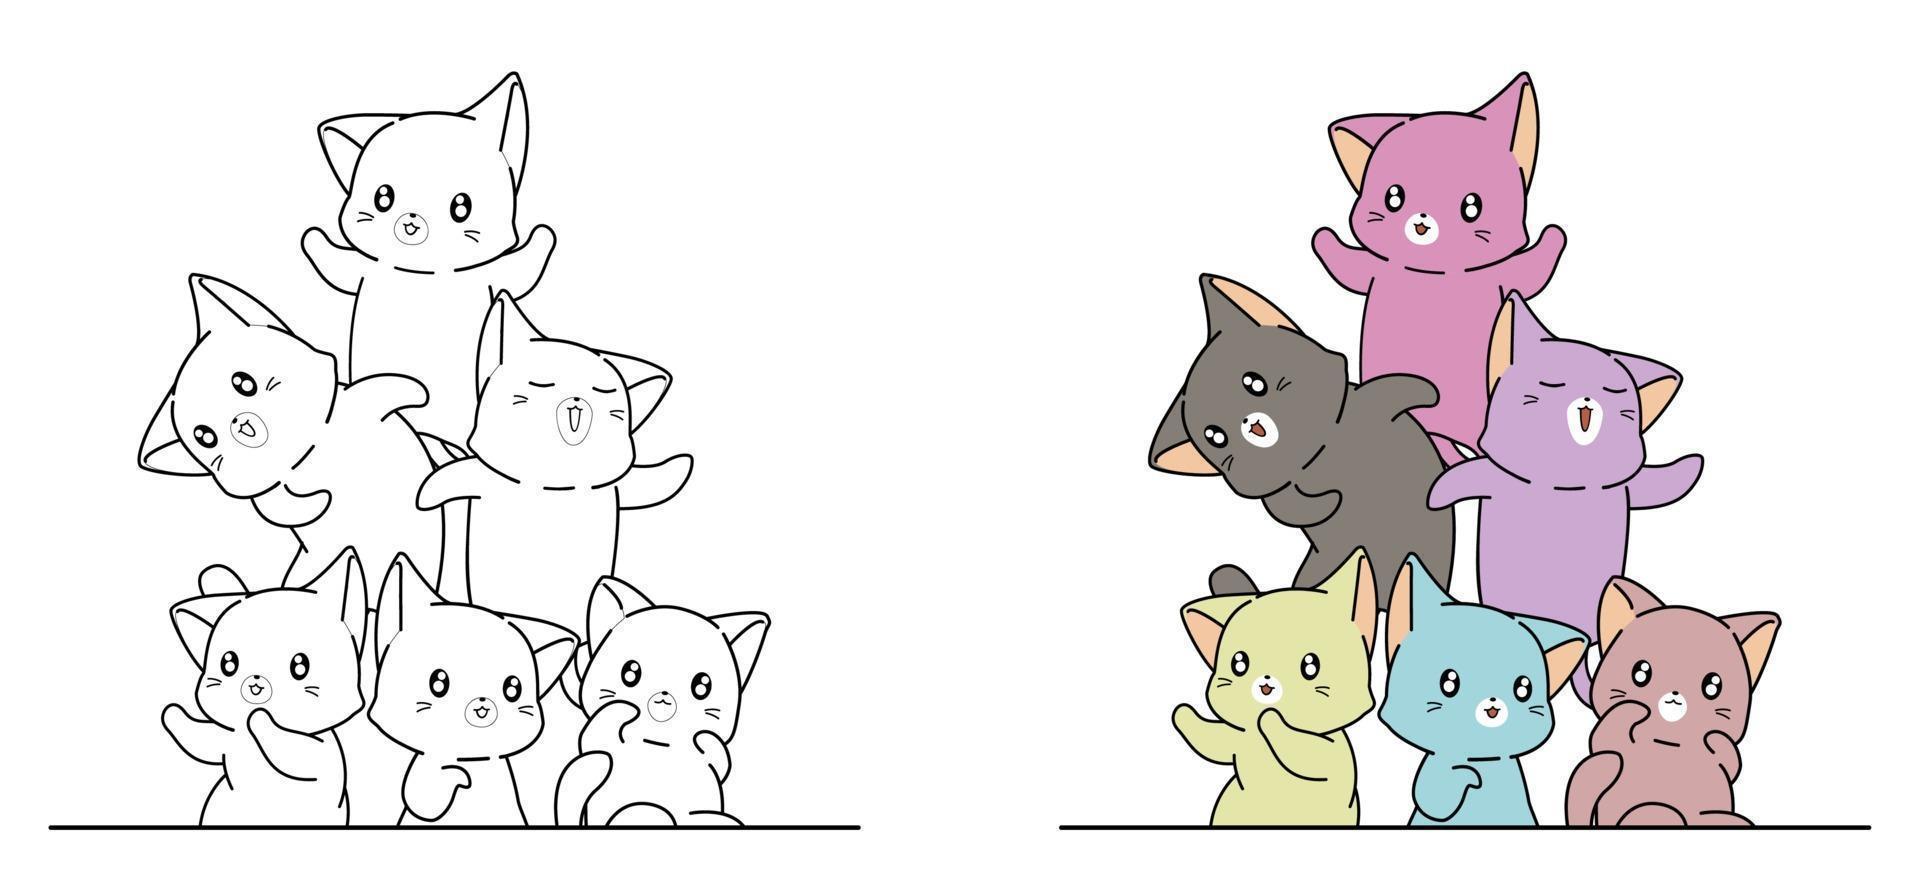 gatos coloridos, desenho para colorir para crianças vetor